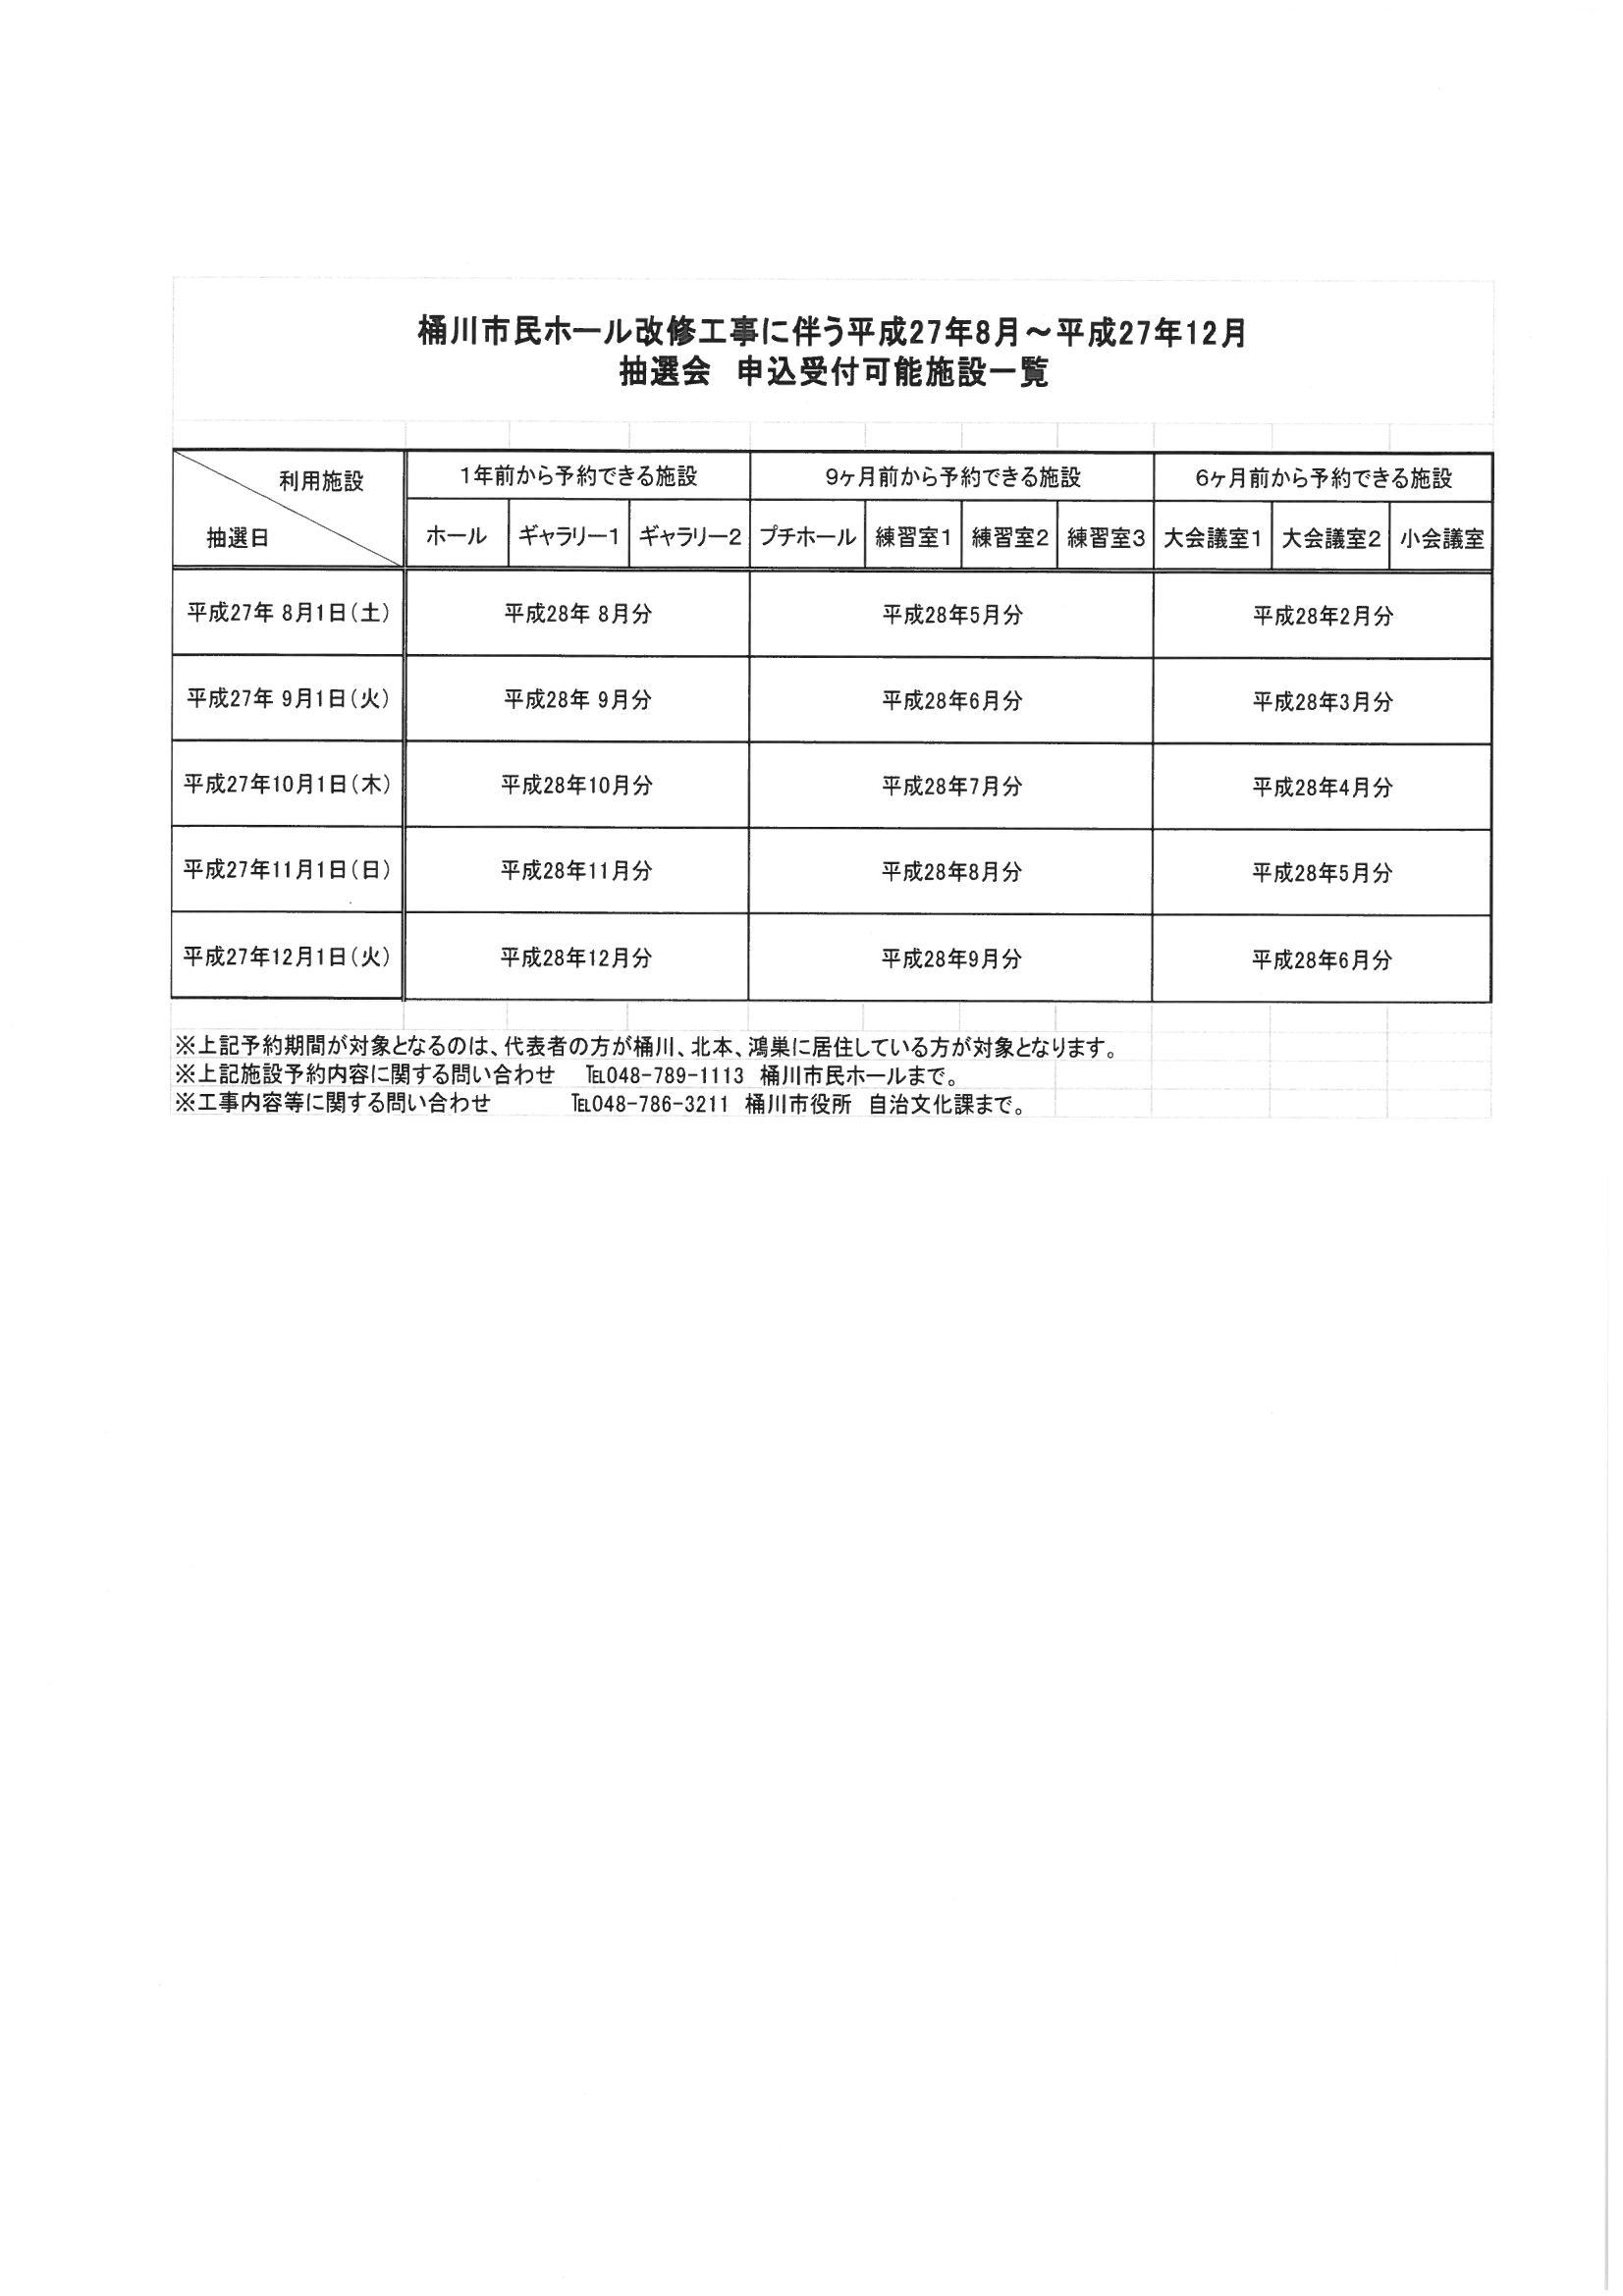 SKM_C364e15060413310_0002